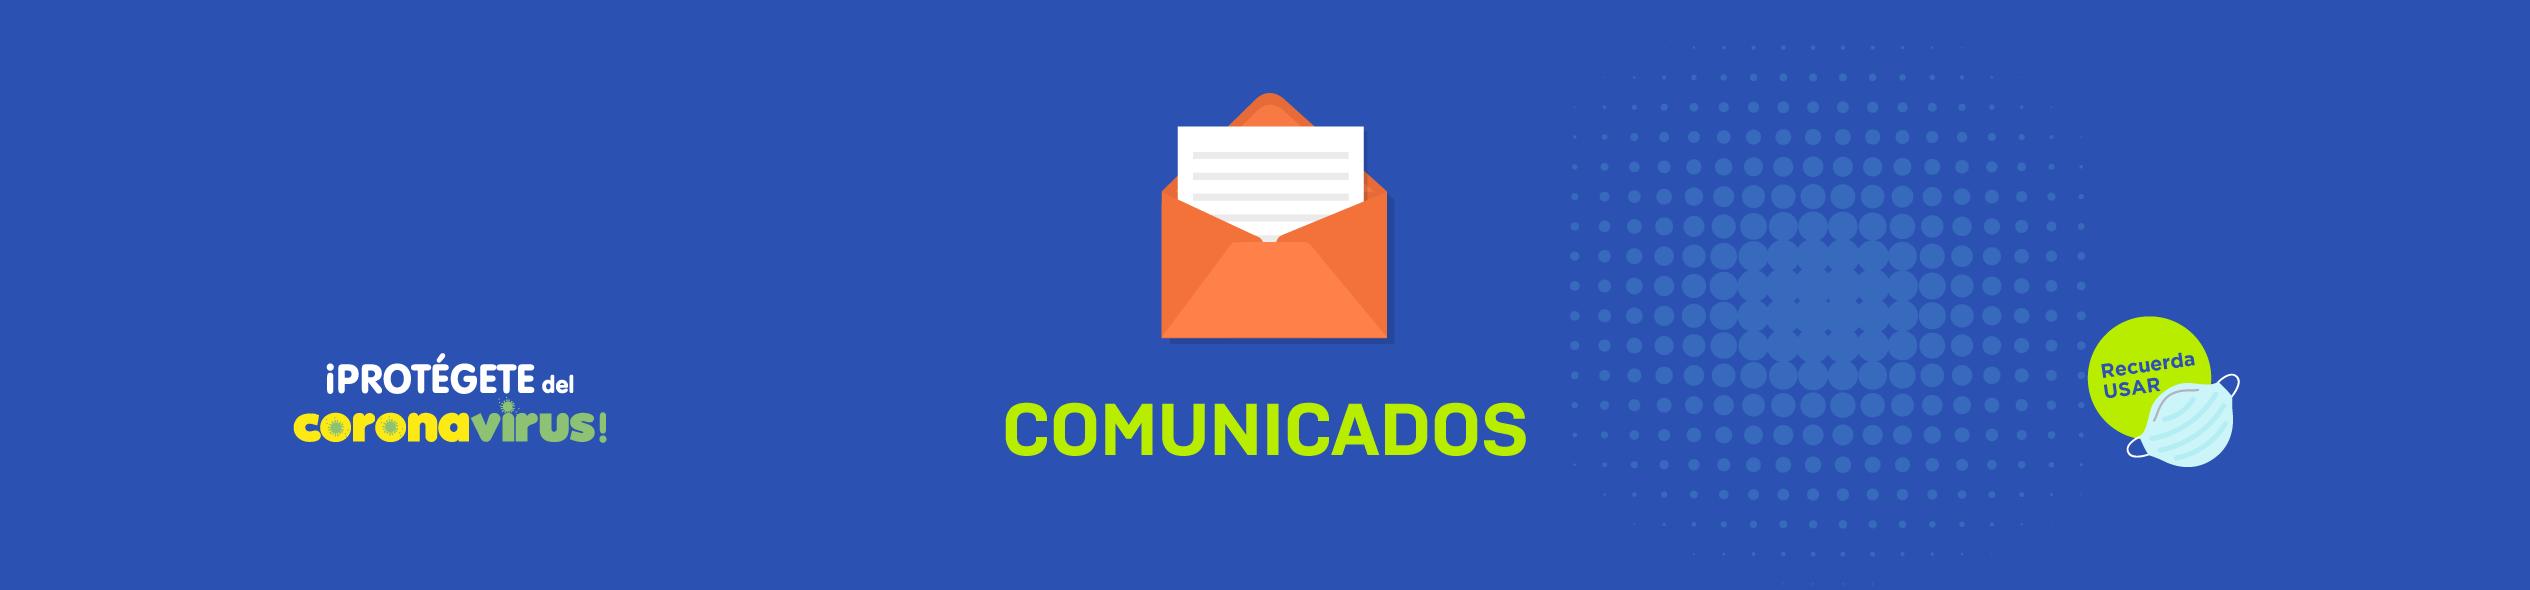 CABECERA-COMUNICADO